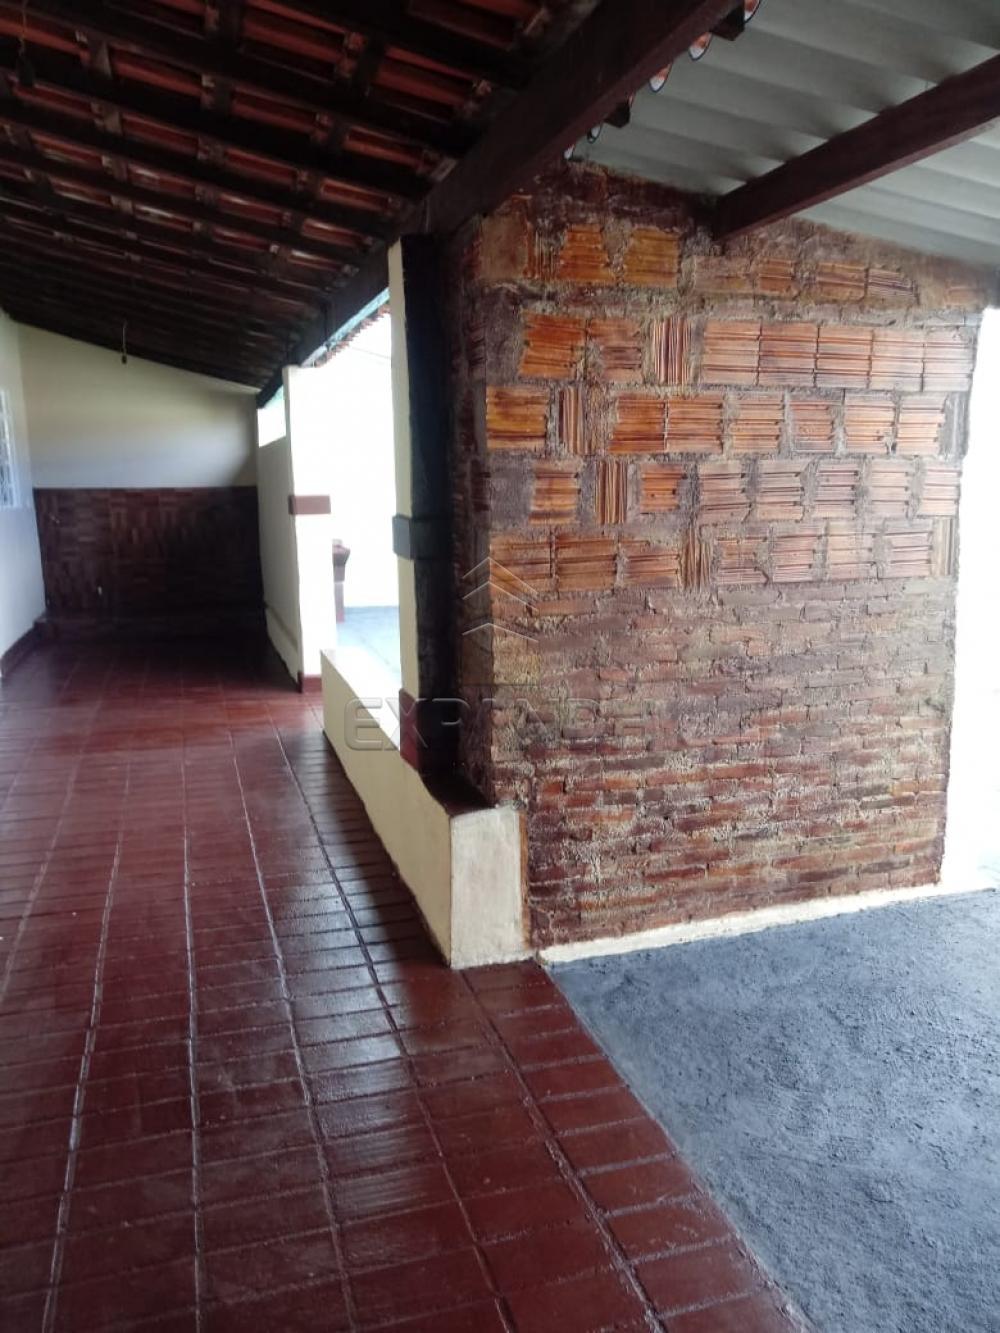 Alugar Casas / Padrão em Sertãozinho R$ 690,00 - Foto 5